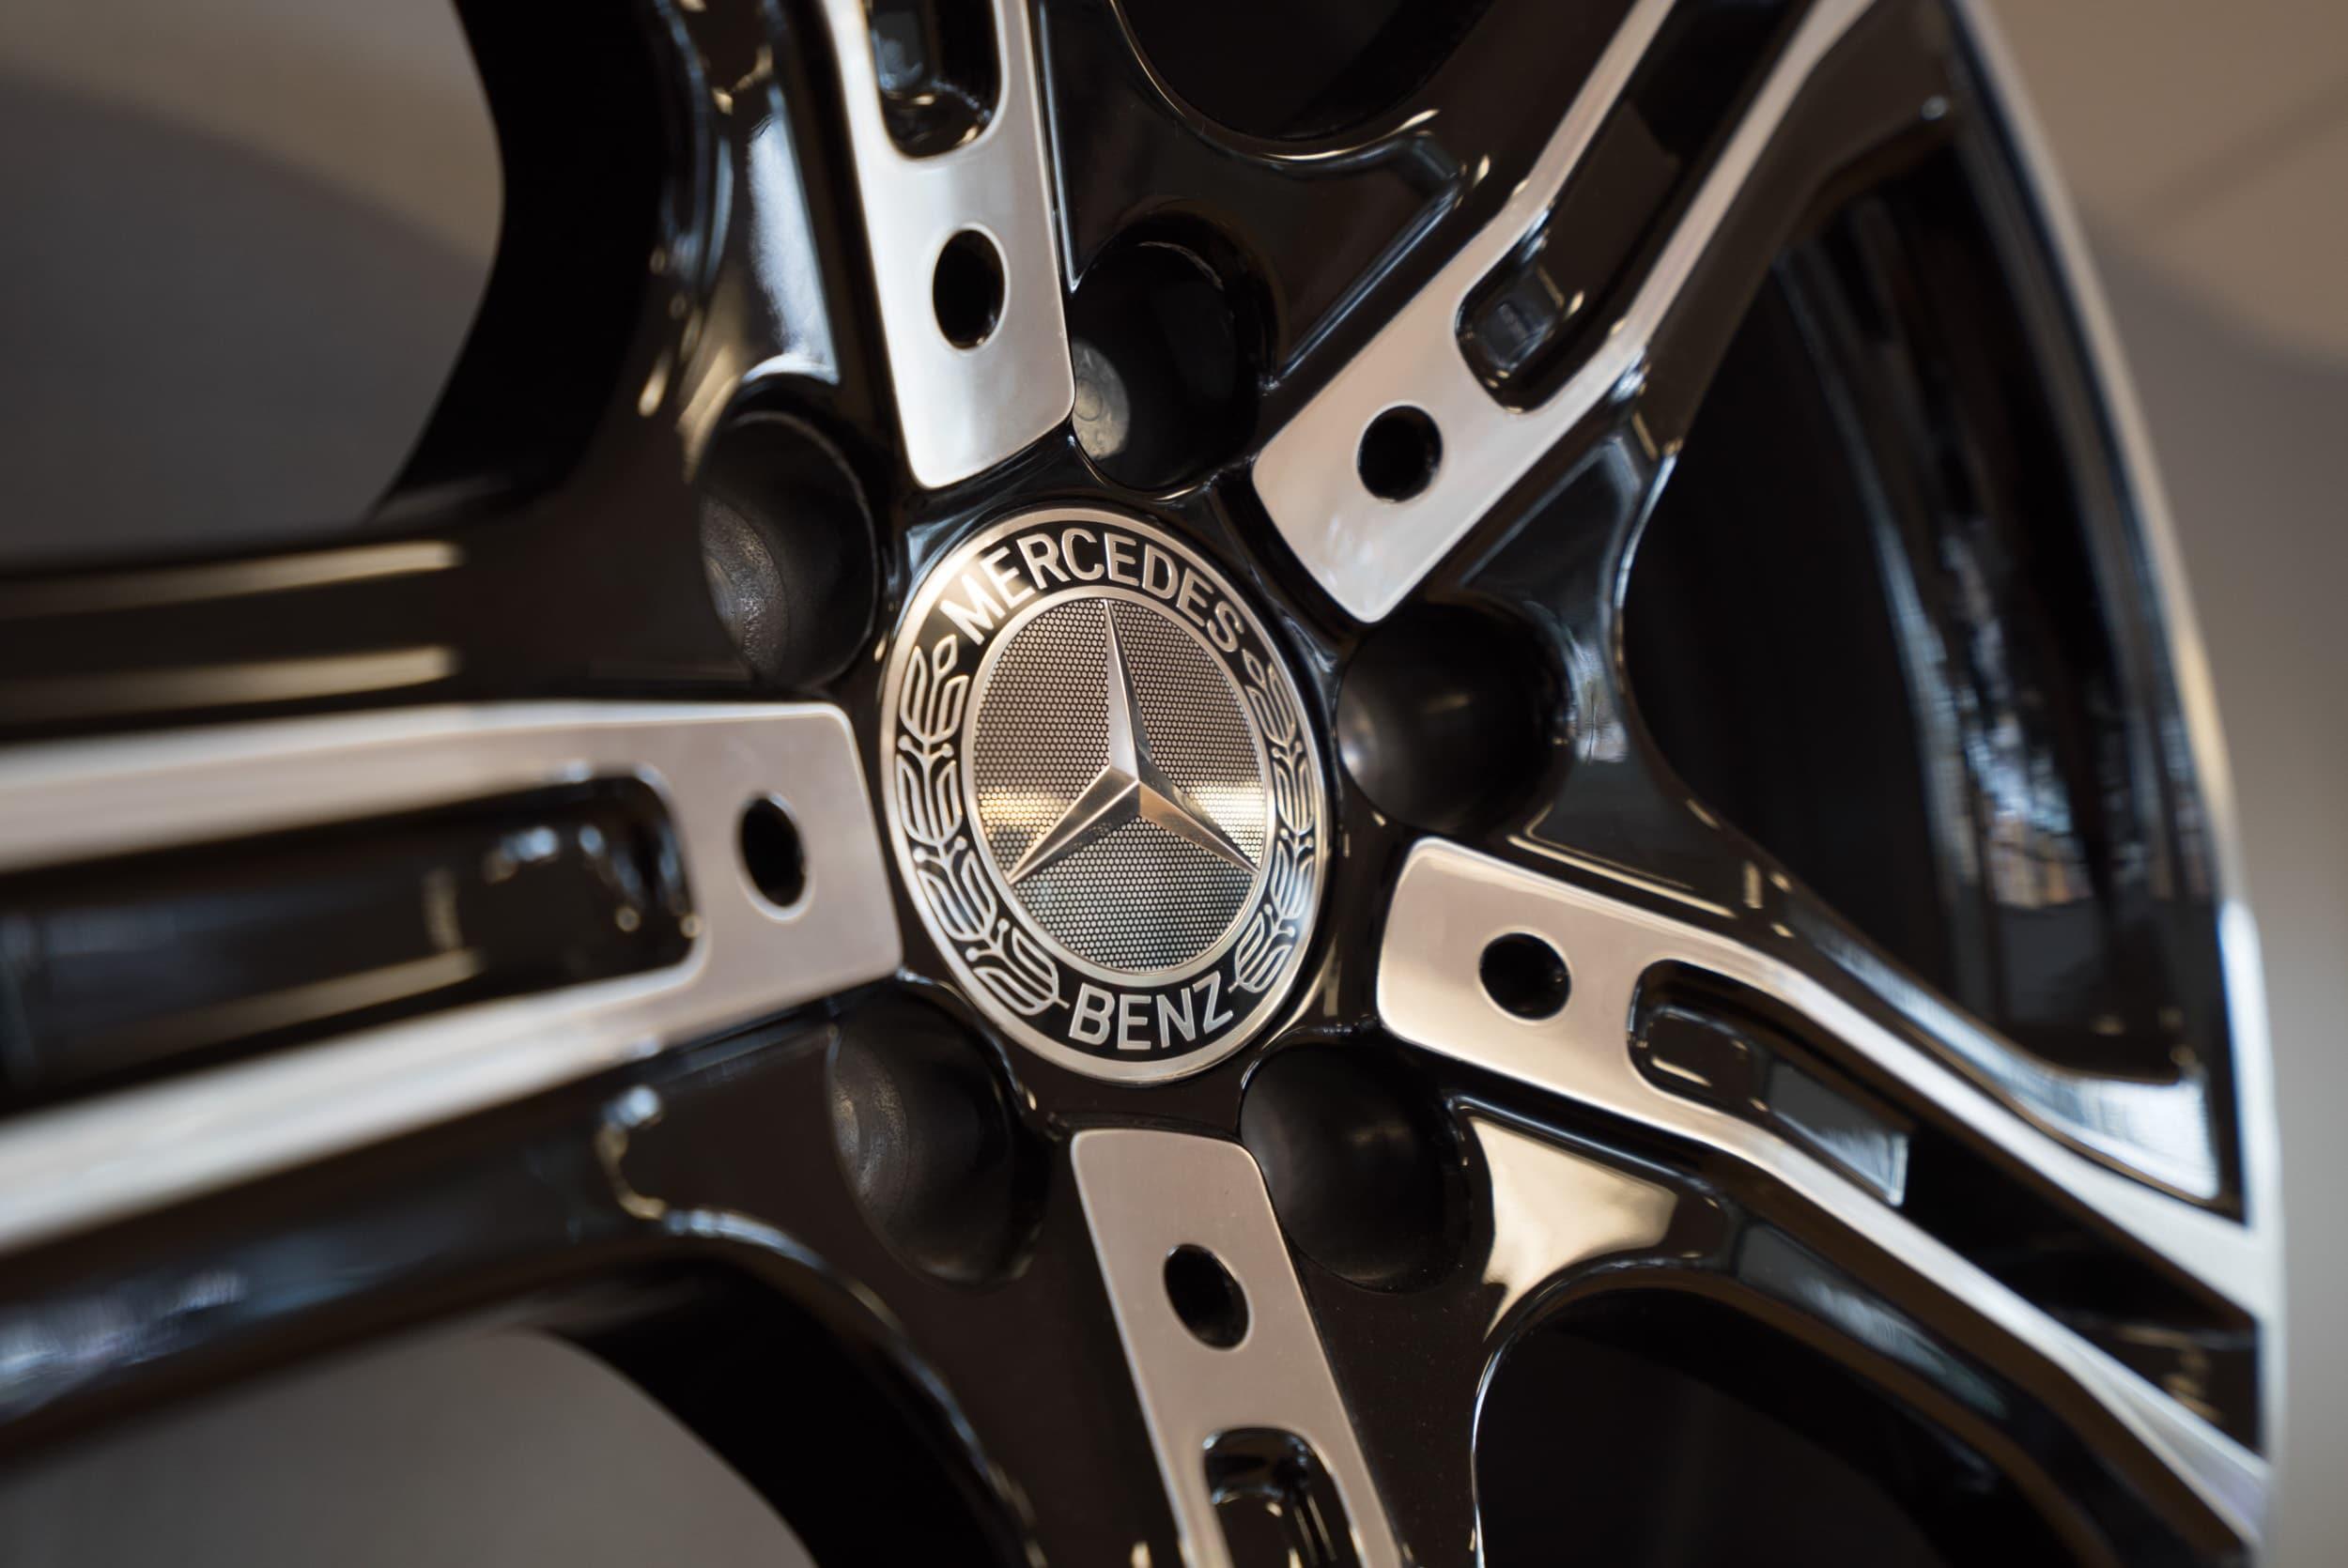 MercedesBenz Dealer Near Me Buena Park CA House Of Imports - Mercedes benz dealers in orange county